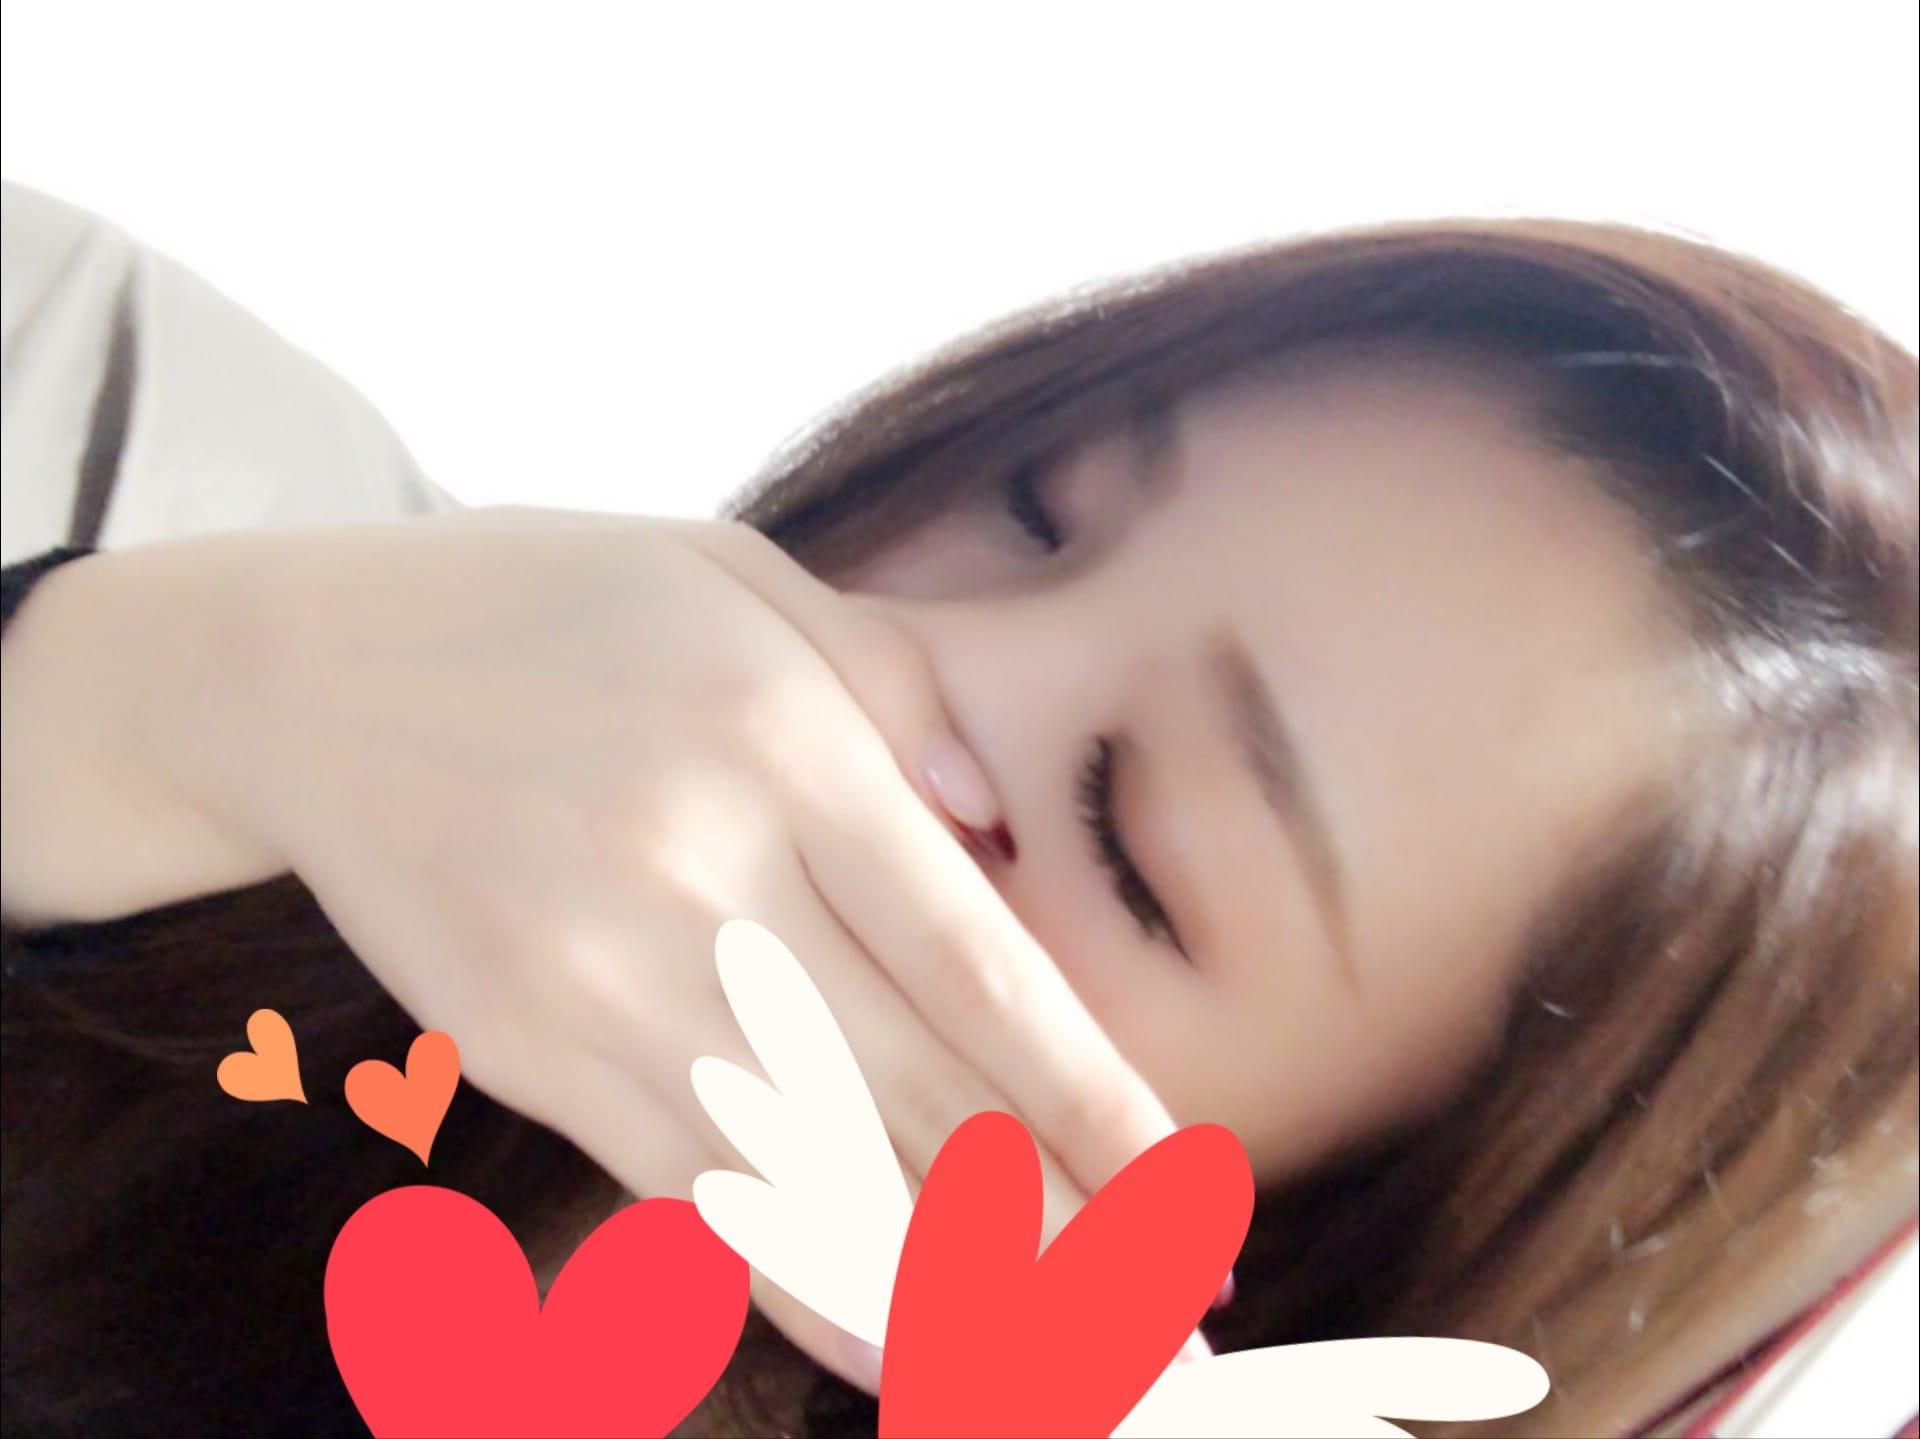 「Uちゃん♡」02/24(02/24) 13:18   みかさの写メ・風俗動画